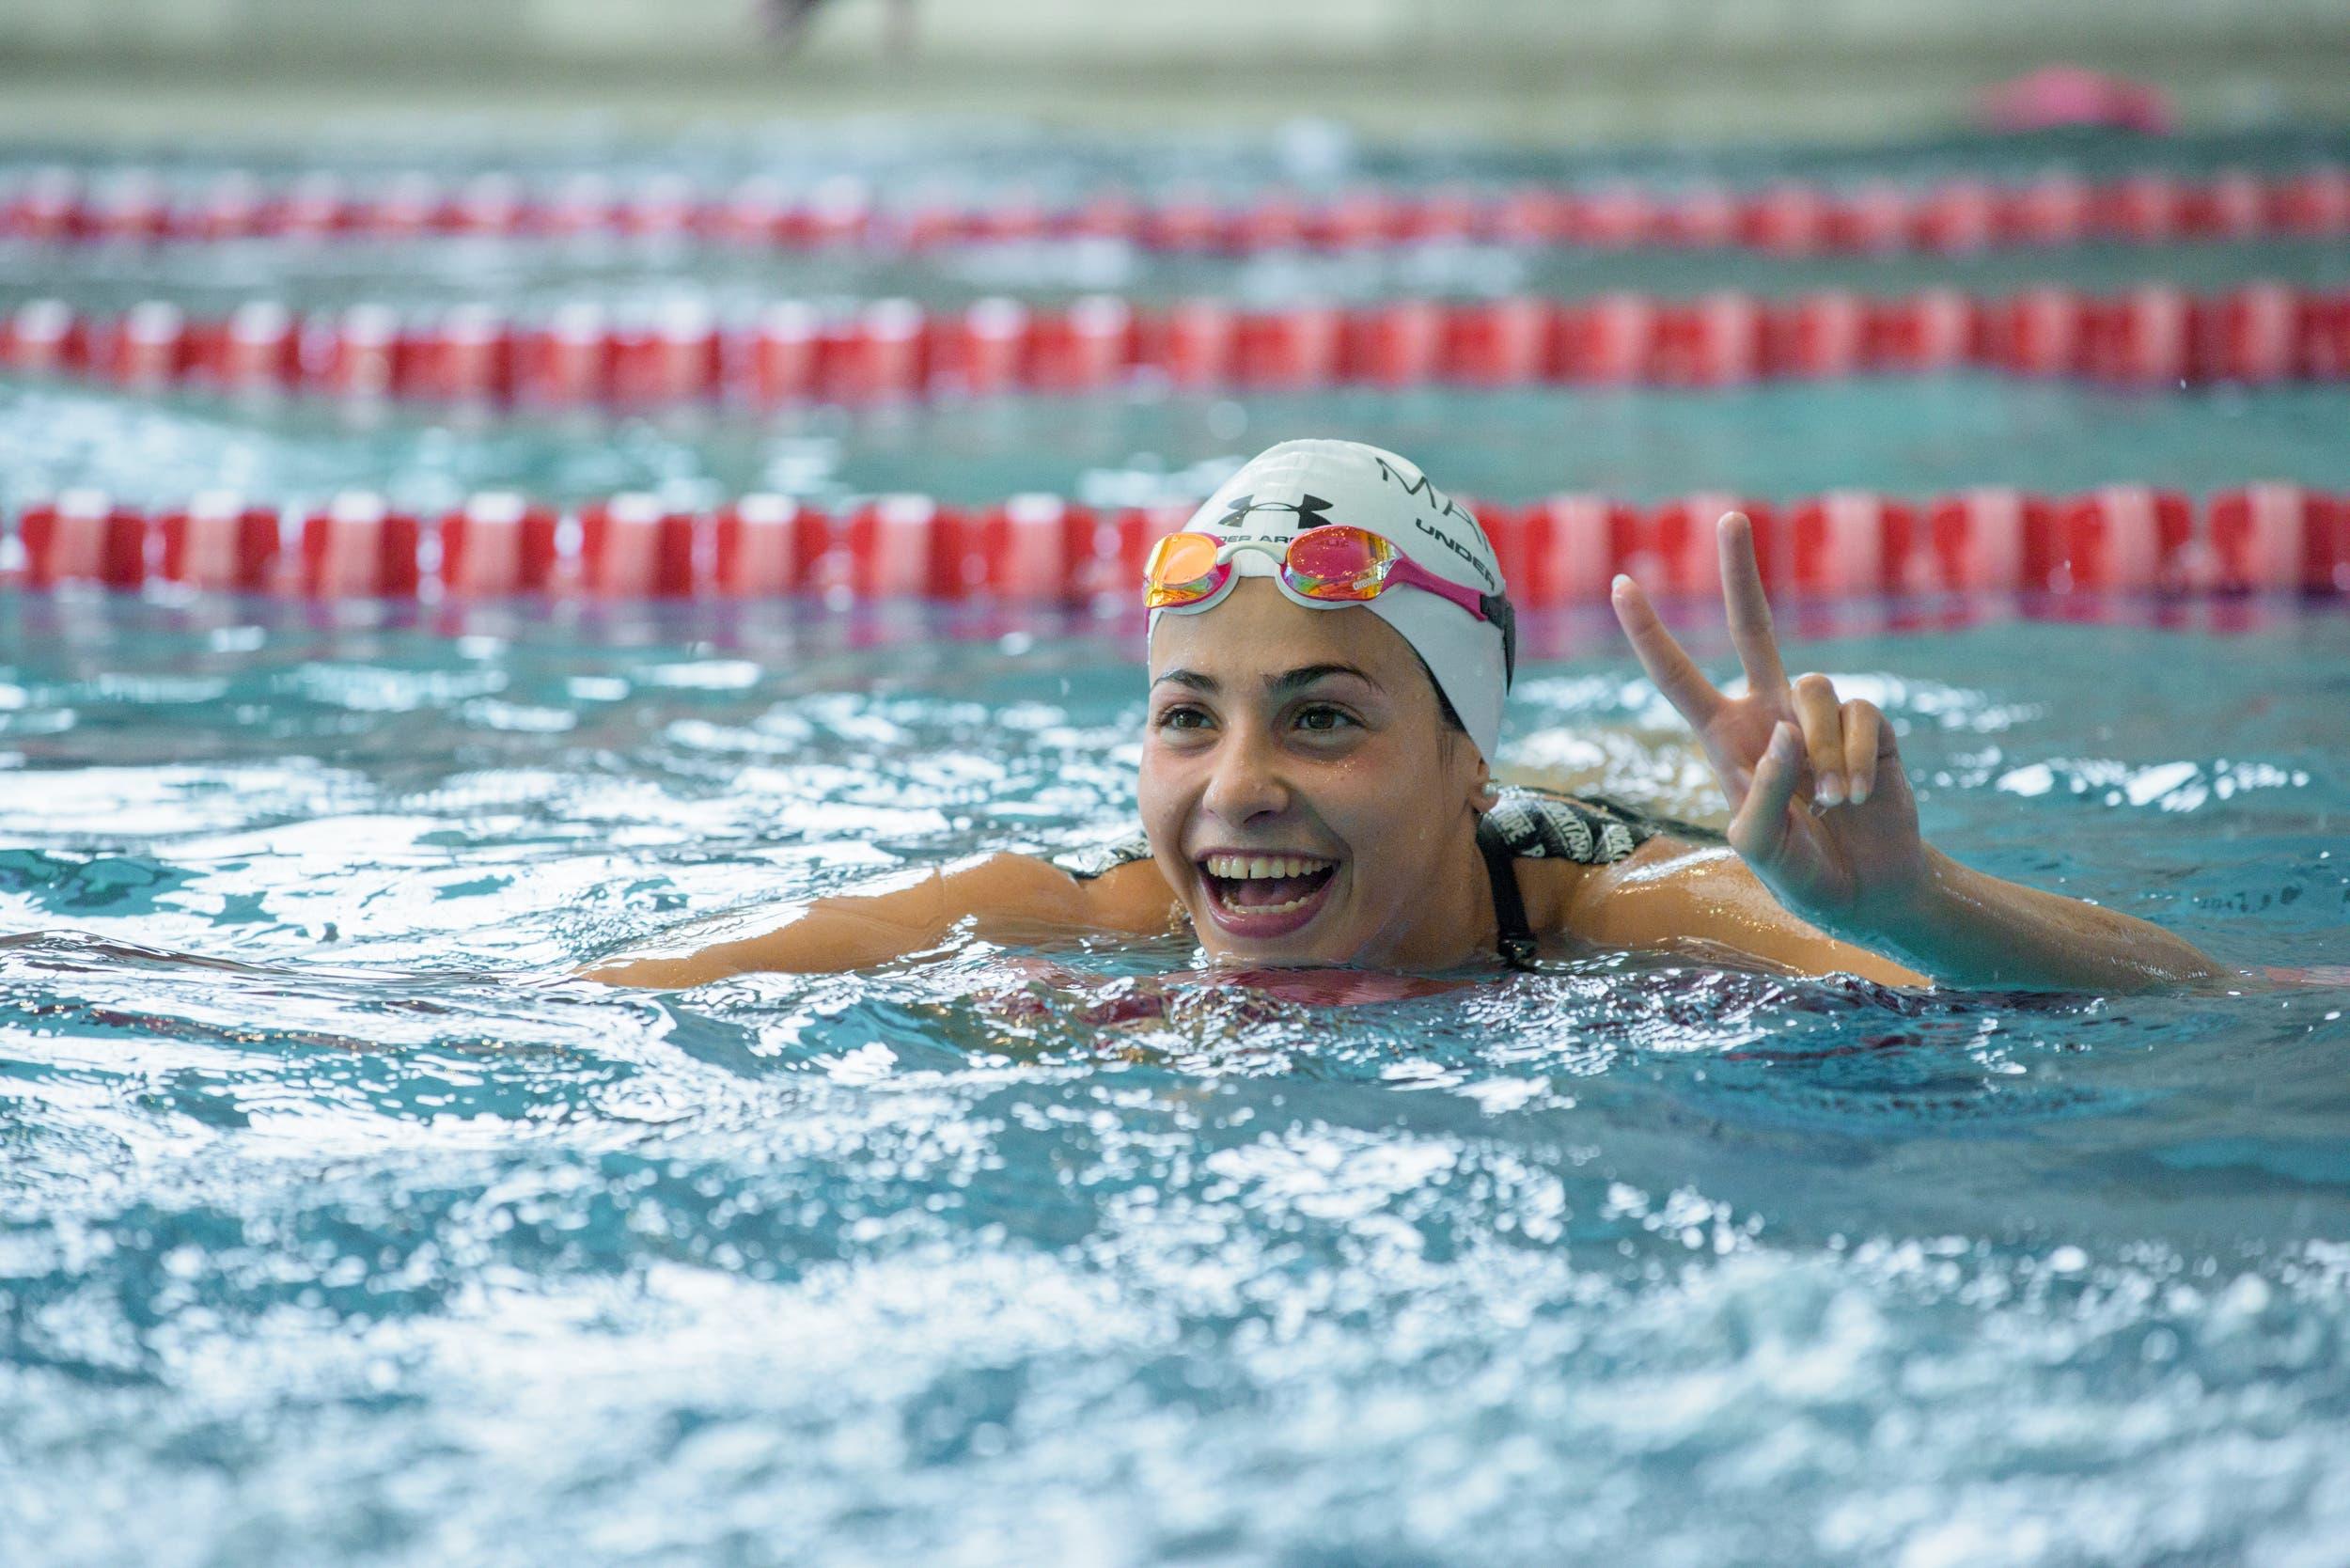 Letztlich ist Yusra Mardini aber immer noch eine talentierte Schwimmerin.